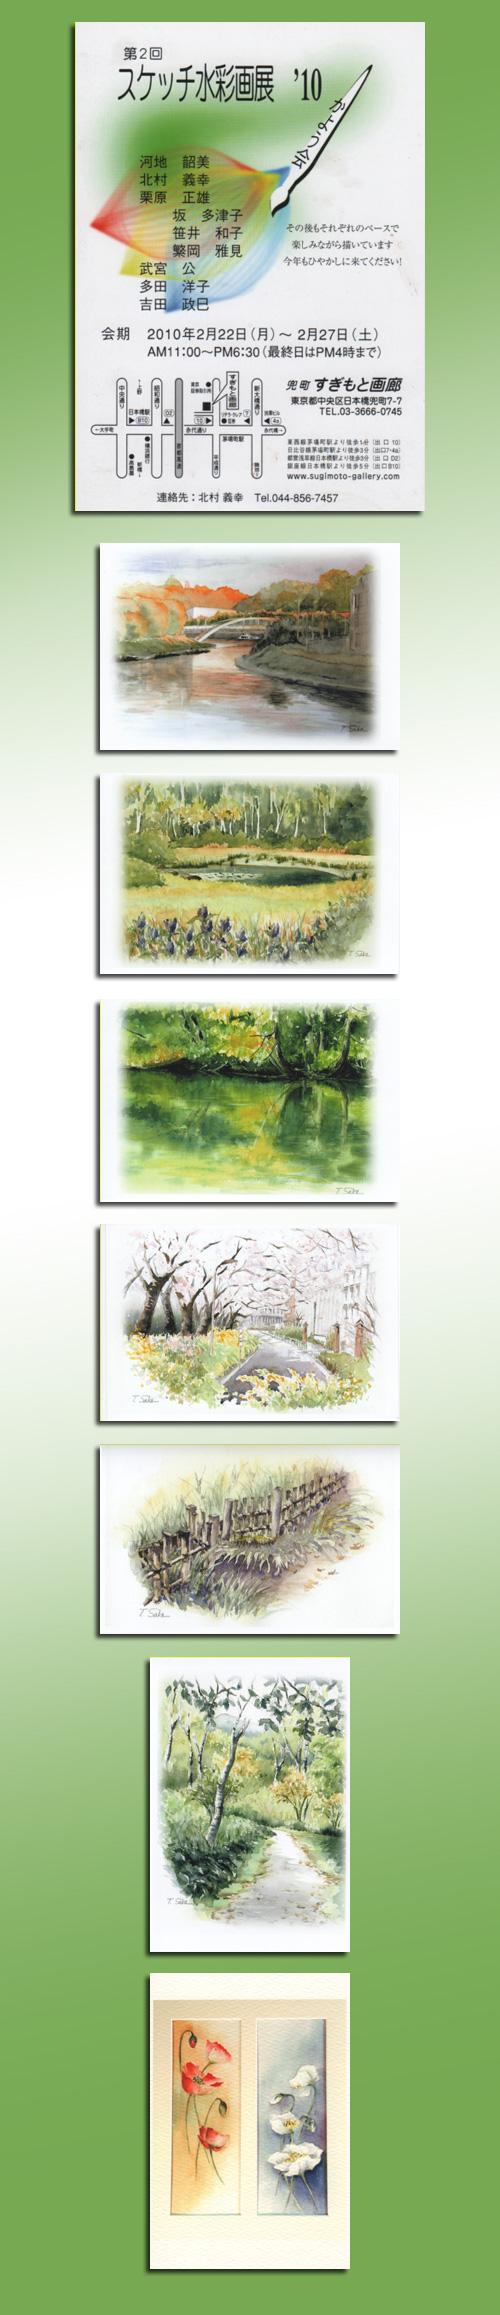 2月25日水彩画展